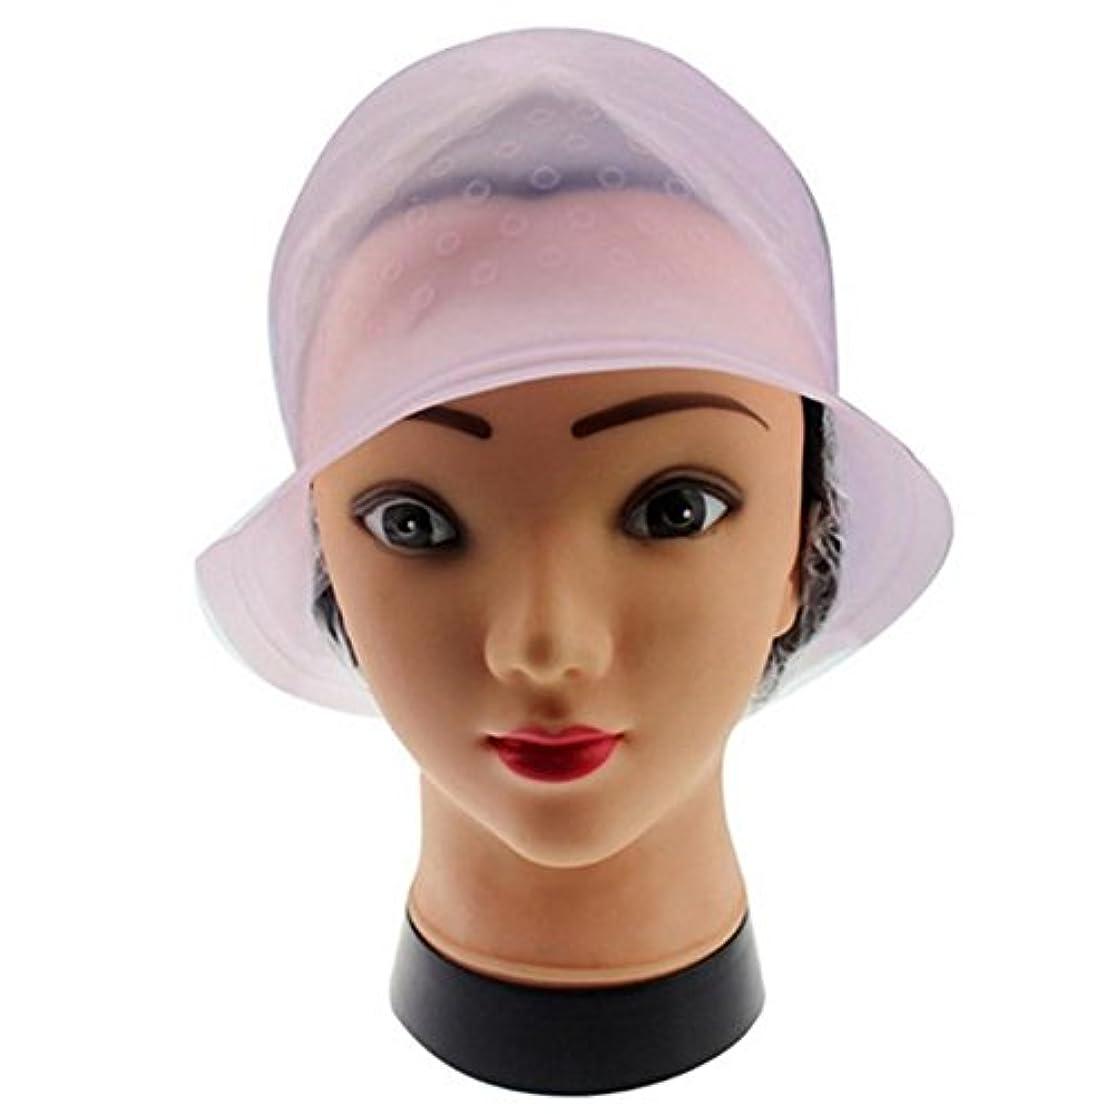 ローブ束ねる検索エンジン最適化染料フロスティングキャップ、再利用可能なシリコーンヘアカラーリングキャップ、髪を強調するキャップサロンヘアカラーリング染料キャップヘアスタイリングツール髪を染めるための針(紫の)